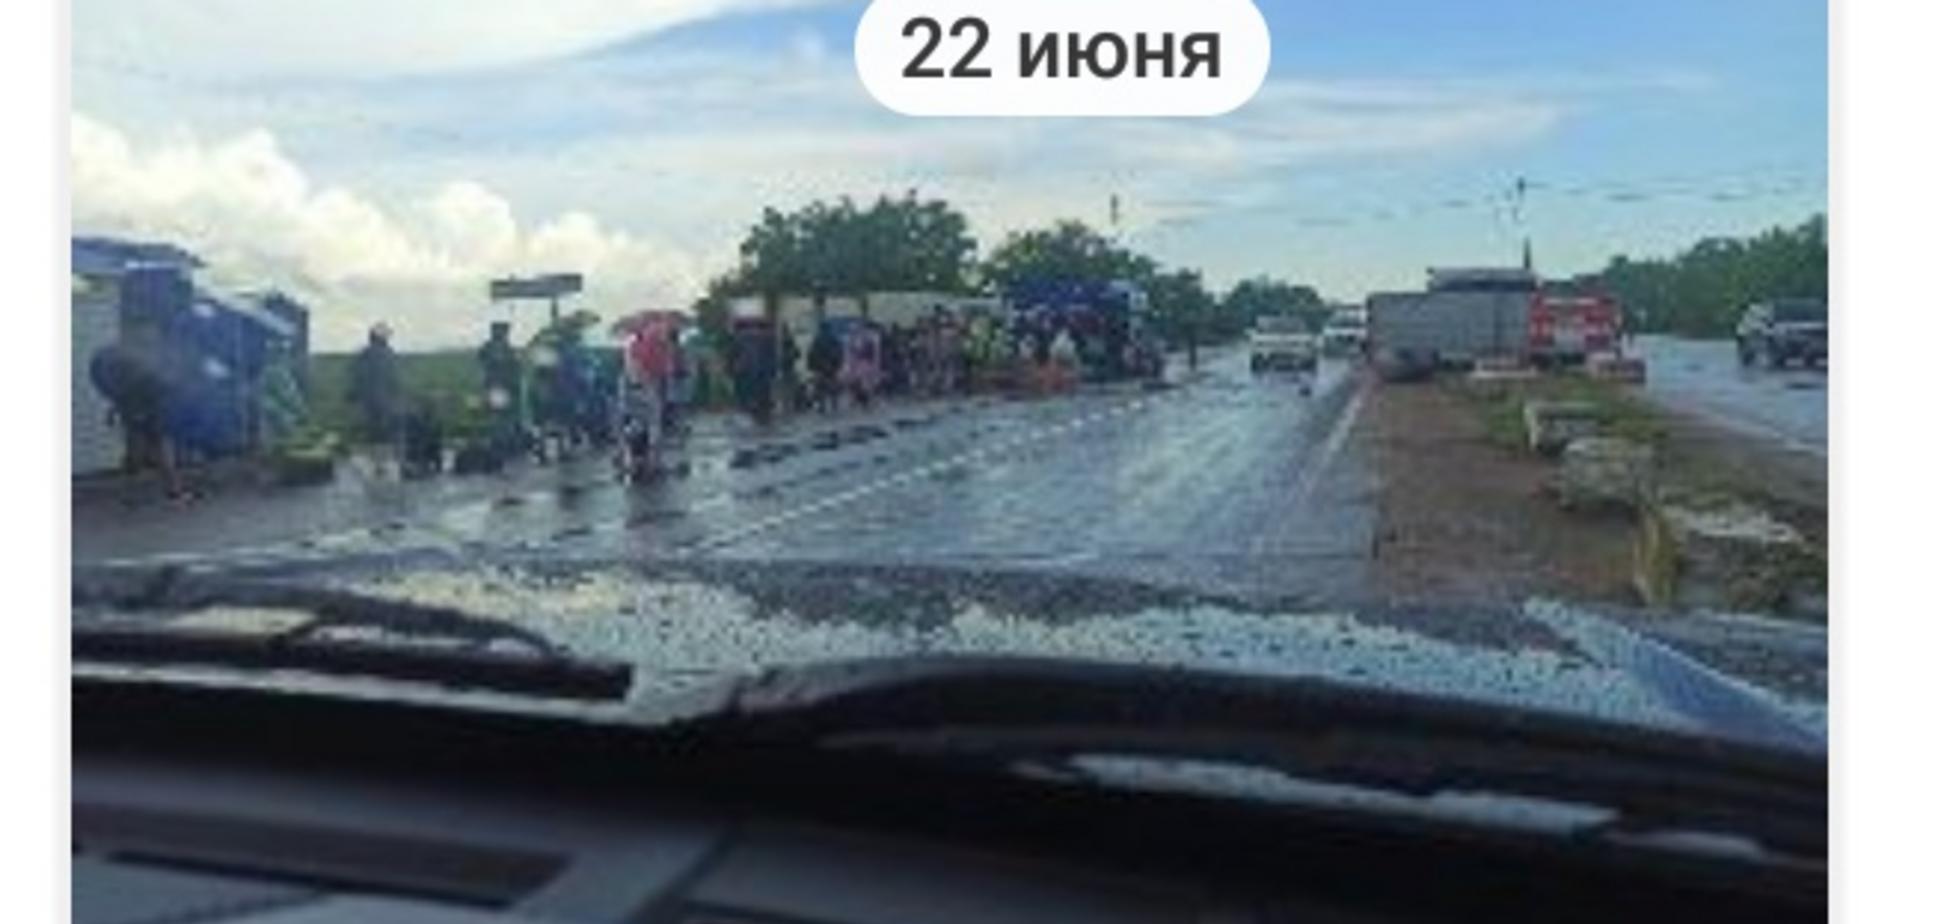 Как я в Украину из 'ДНР' пытался проехать. Рассказ очевидца